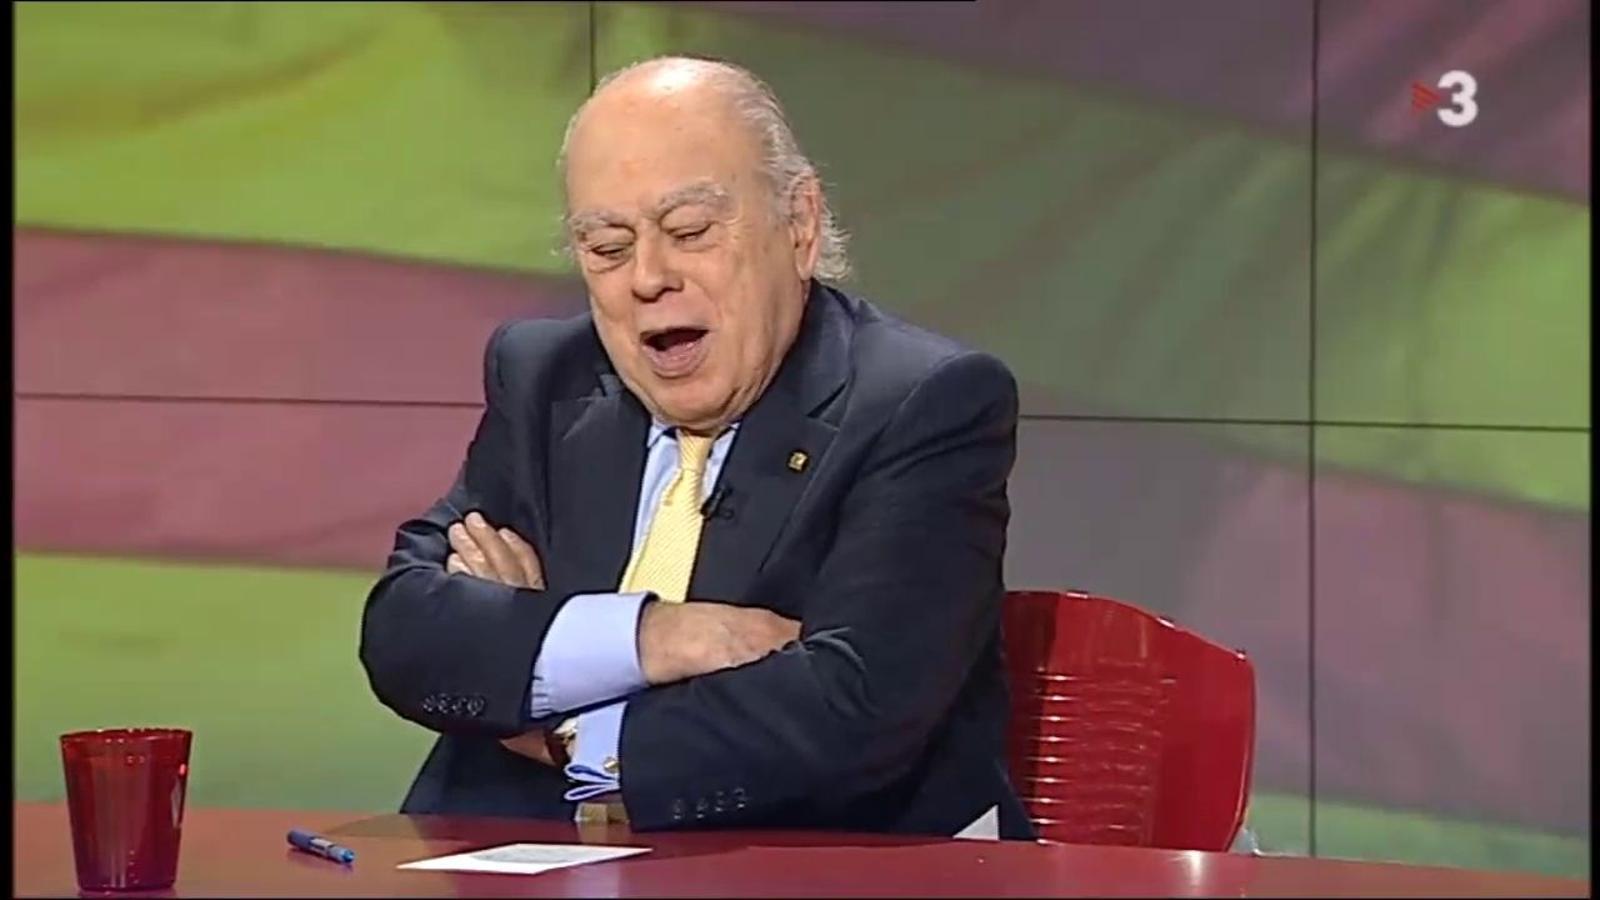 Jordi Pujol: No hi pot haver independència mentre el cambrer de Puigcerdà parli en castellà al negre que parla com Pompeu Fabra